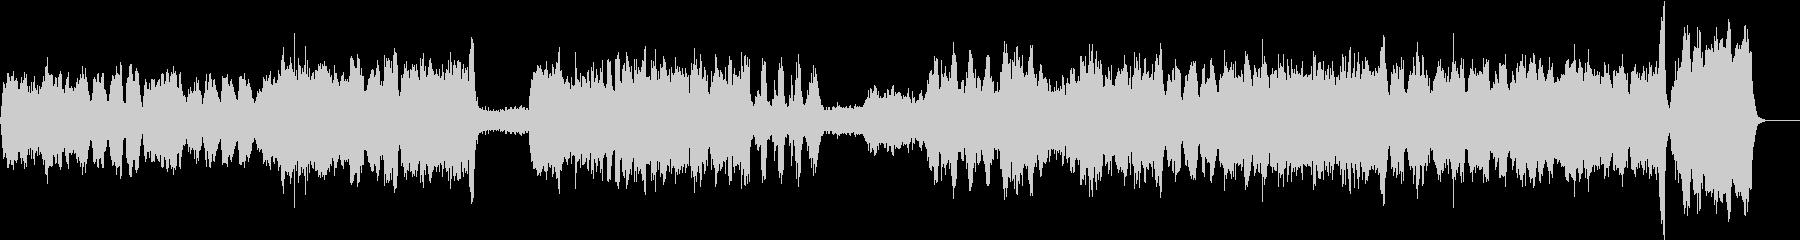 ゲオルク・フリードリヒ・ヘンデルのカバーの未再生の波形